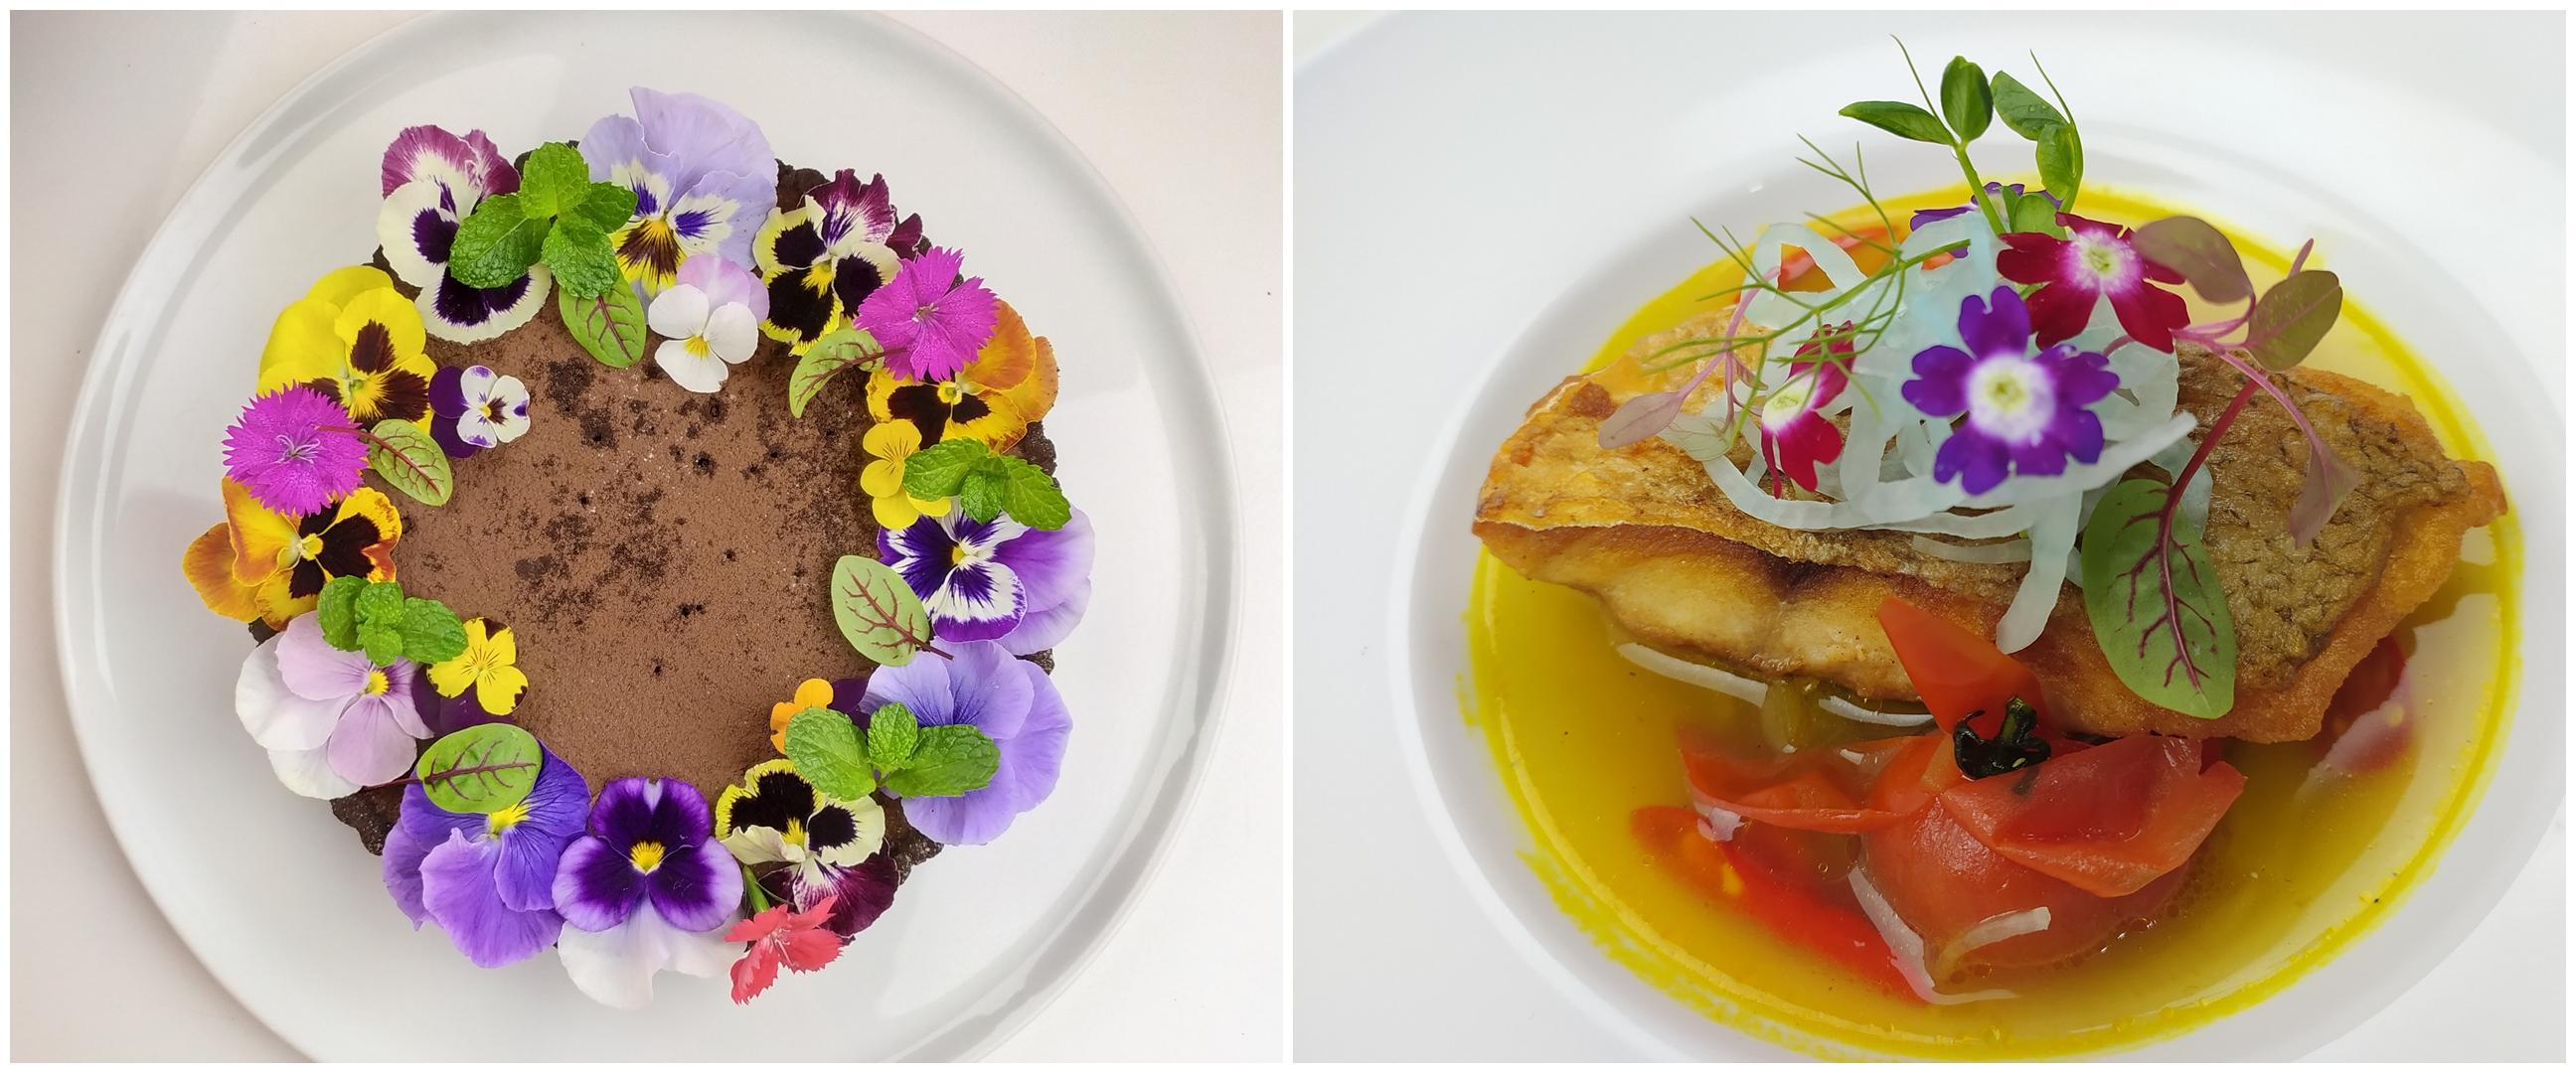 Edible flower, sentuhan estetis bunga pada kuliner Nusantara